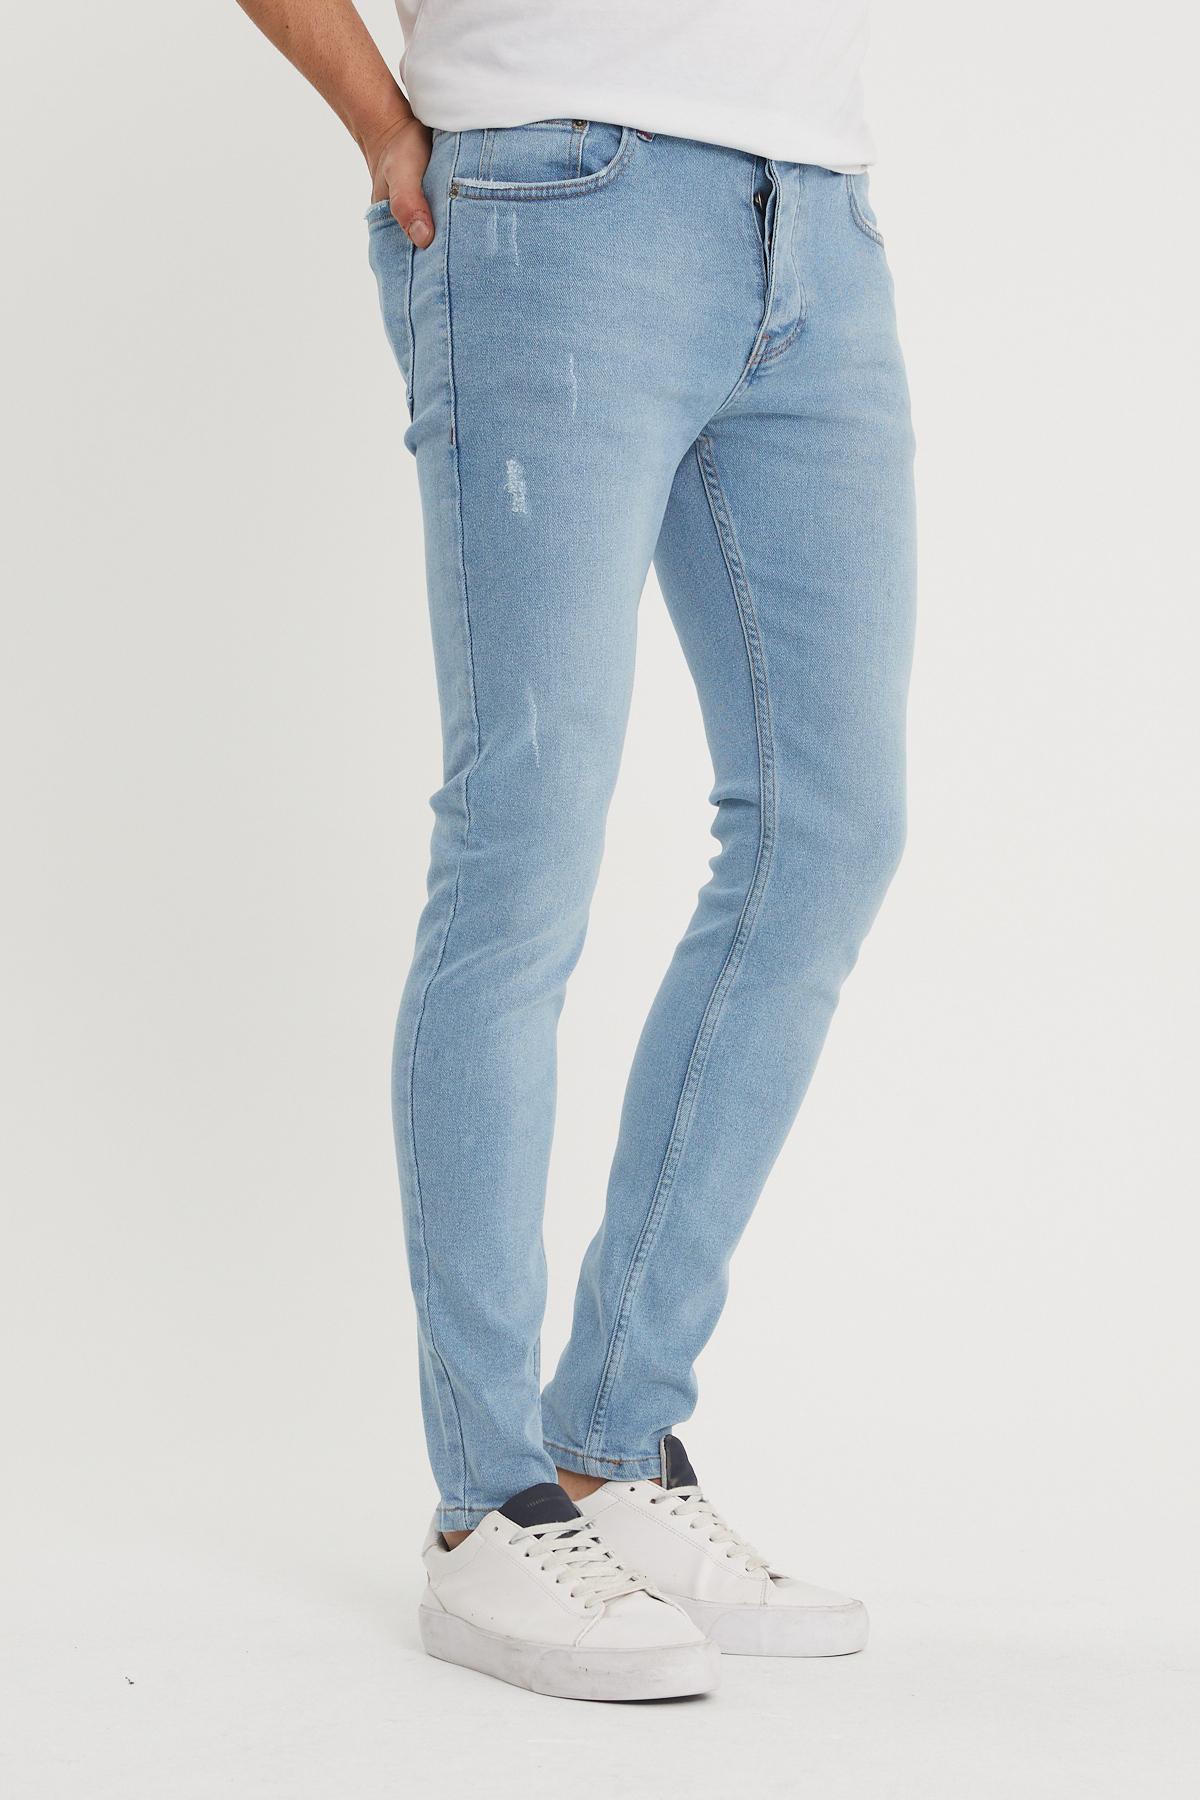 XHAN - Mavi Slim Fit Jean Pantolon 1KXE5-44357-12